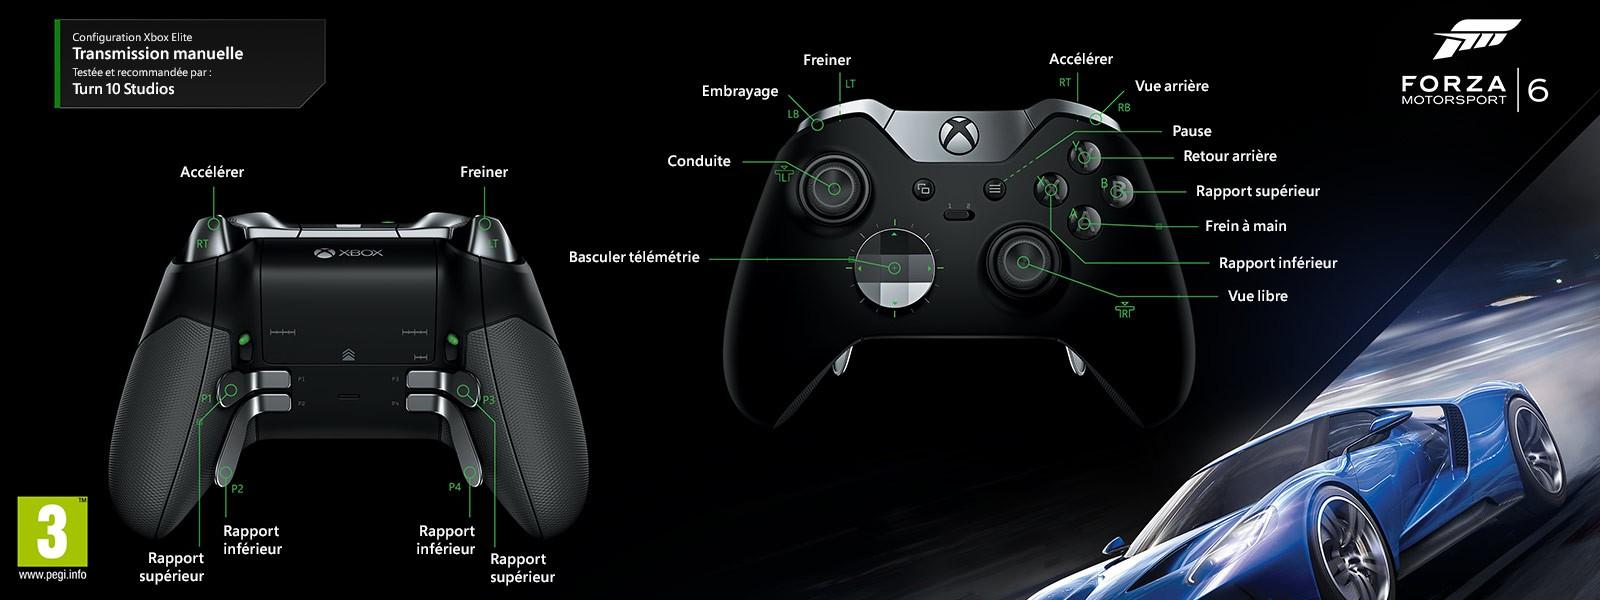 Forza Motorsport6, attribution Elite Transmission manuelle